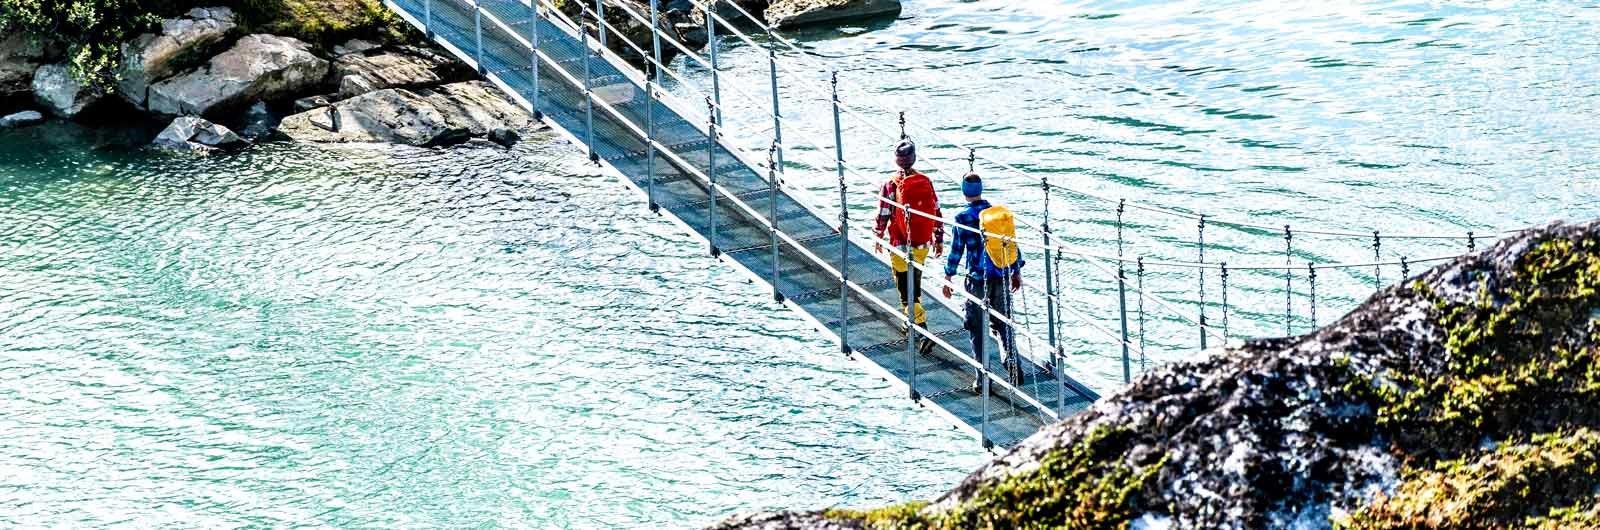 Två vandrare på hängbro i solsken